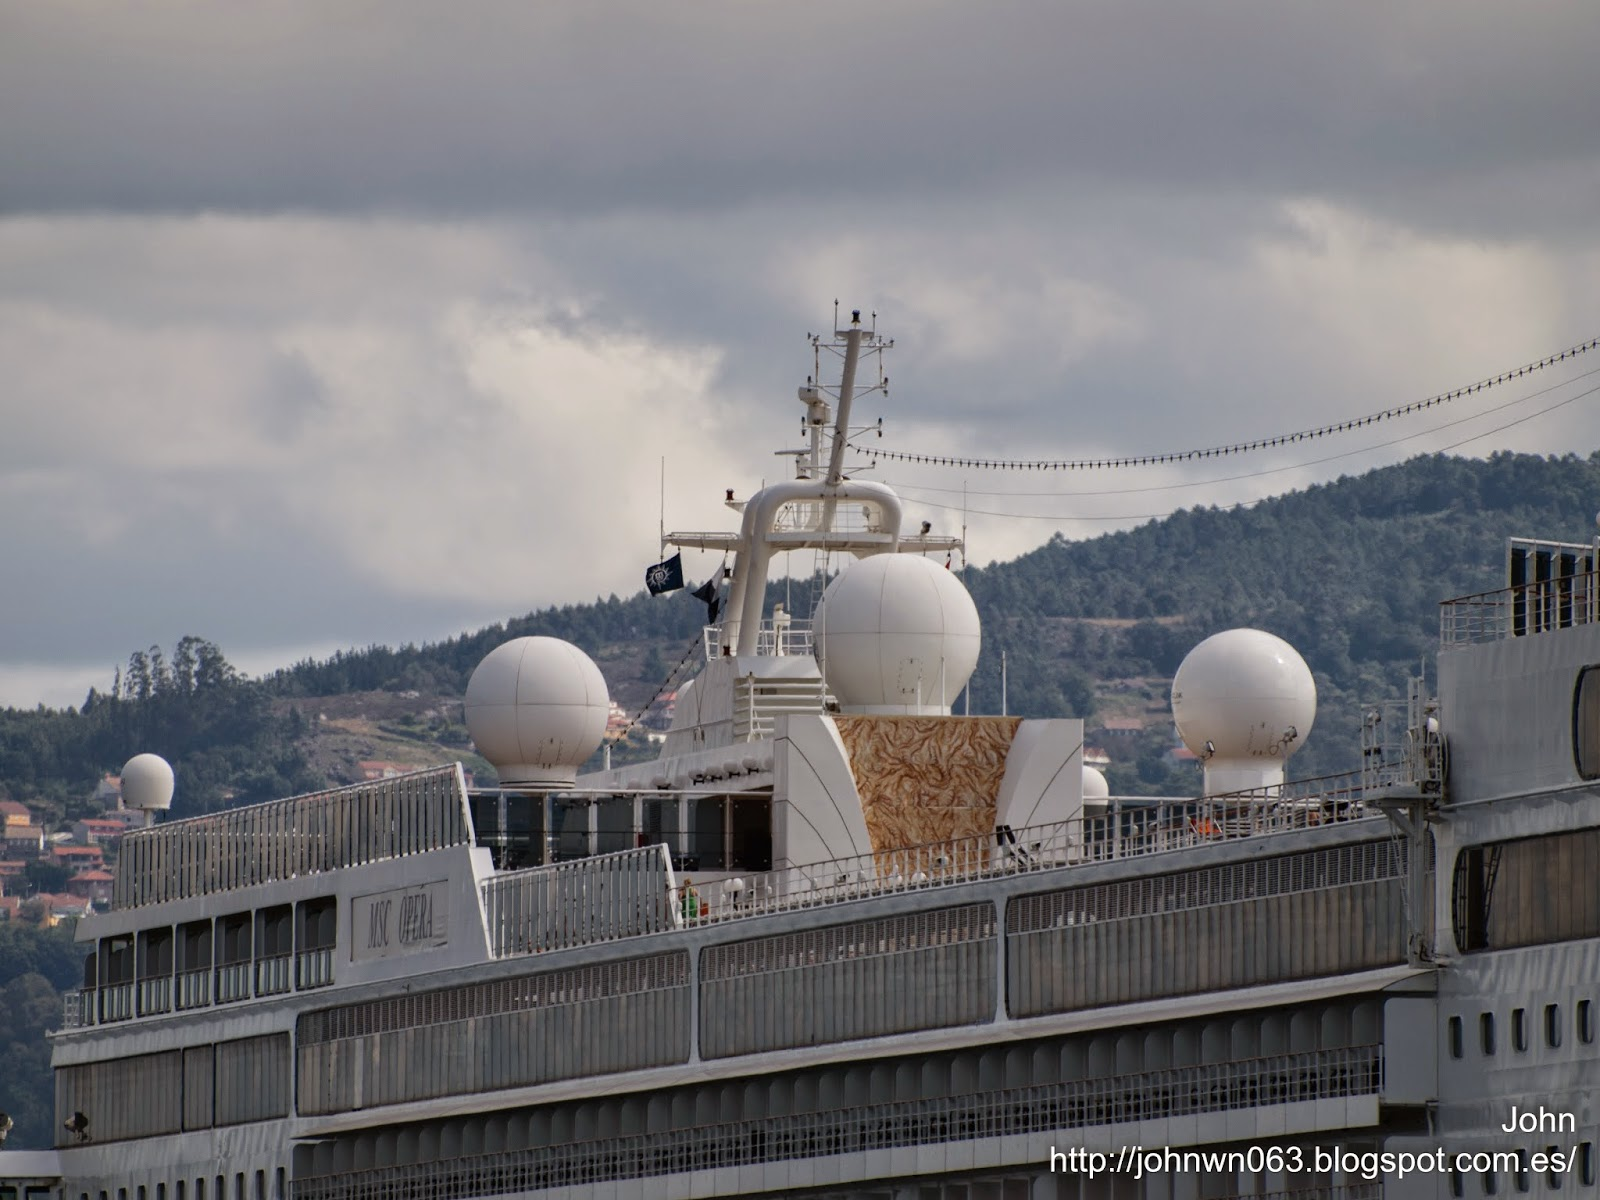 fotos de barcos, imagenes de barcos, msc cruceros, msc opera, vigo